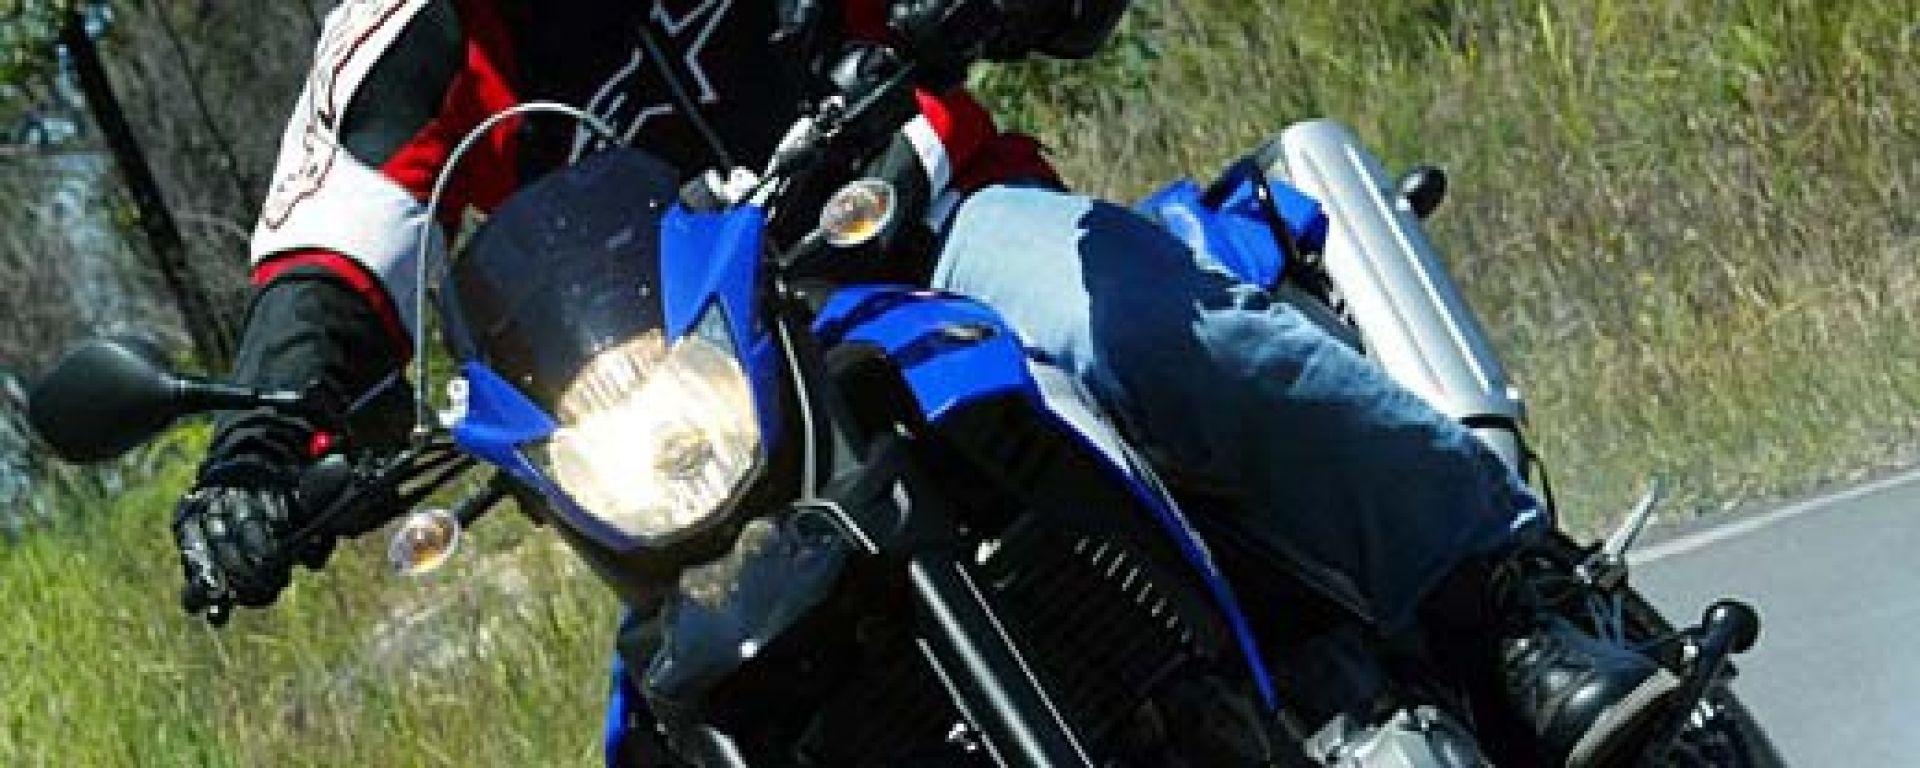 Yamaha XT 660R e XT 660X